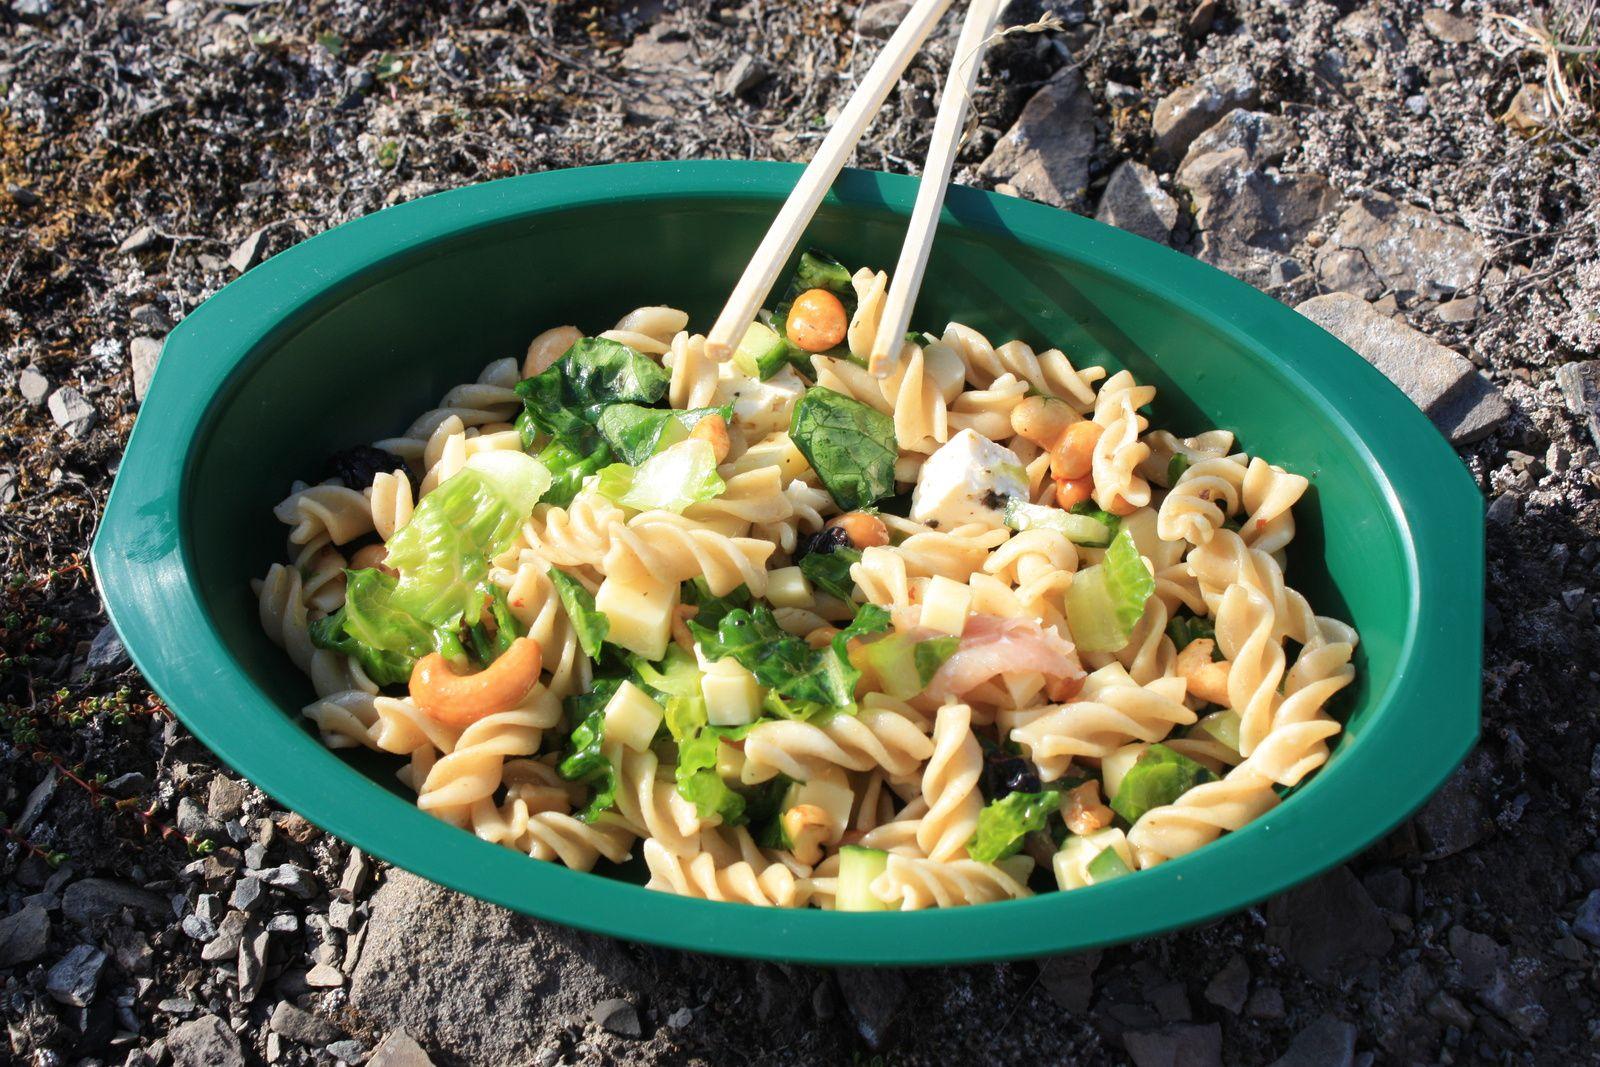 luxueuse salade de pâtes dans une belle assiette en plus et une belle vue... trop de bonheur !